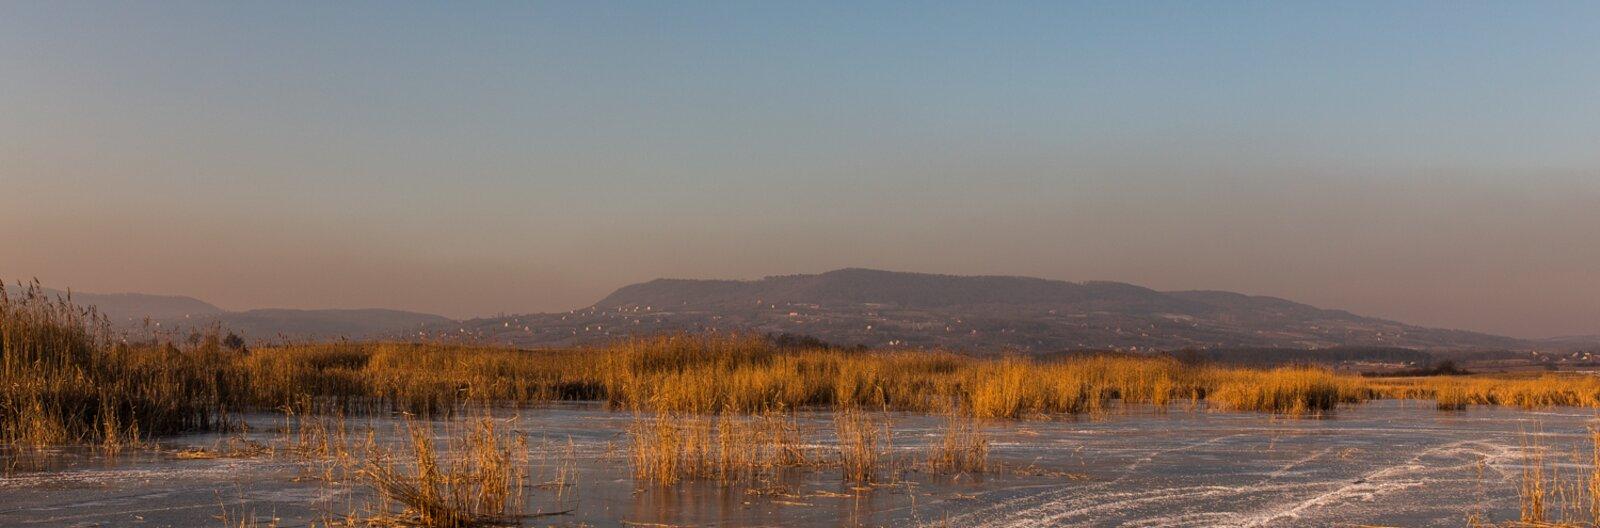 Mit csinálj a Balatonon a korlátozások idején? – Rendhagyó téli bakancslista